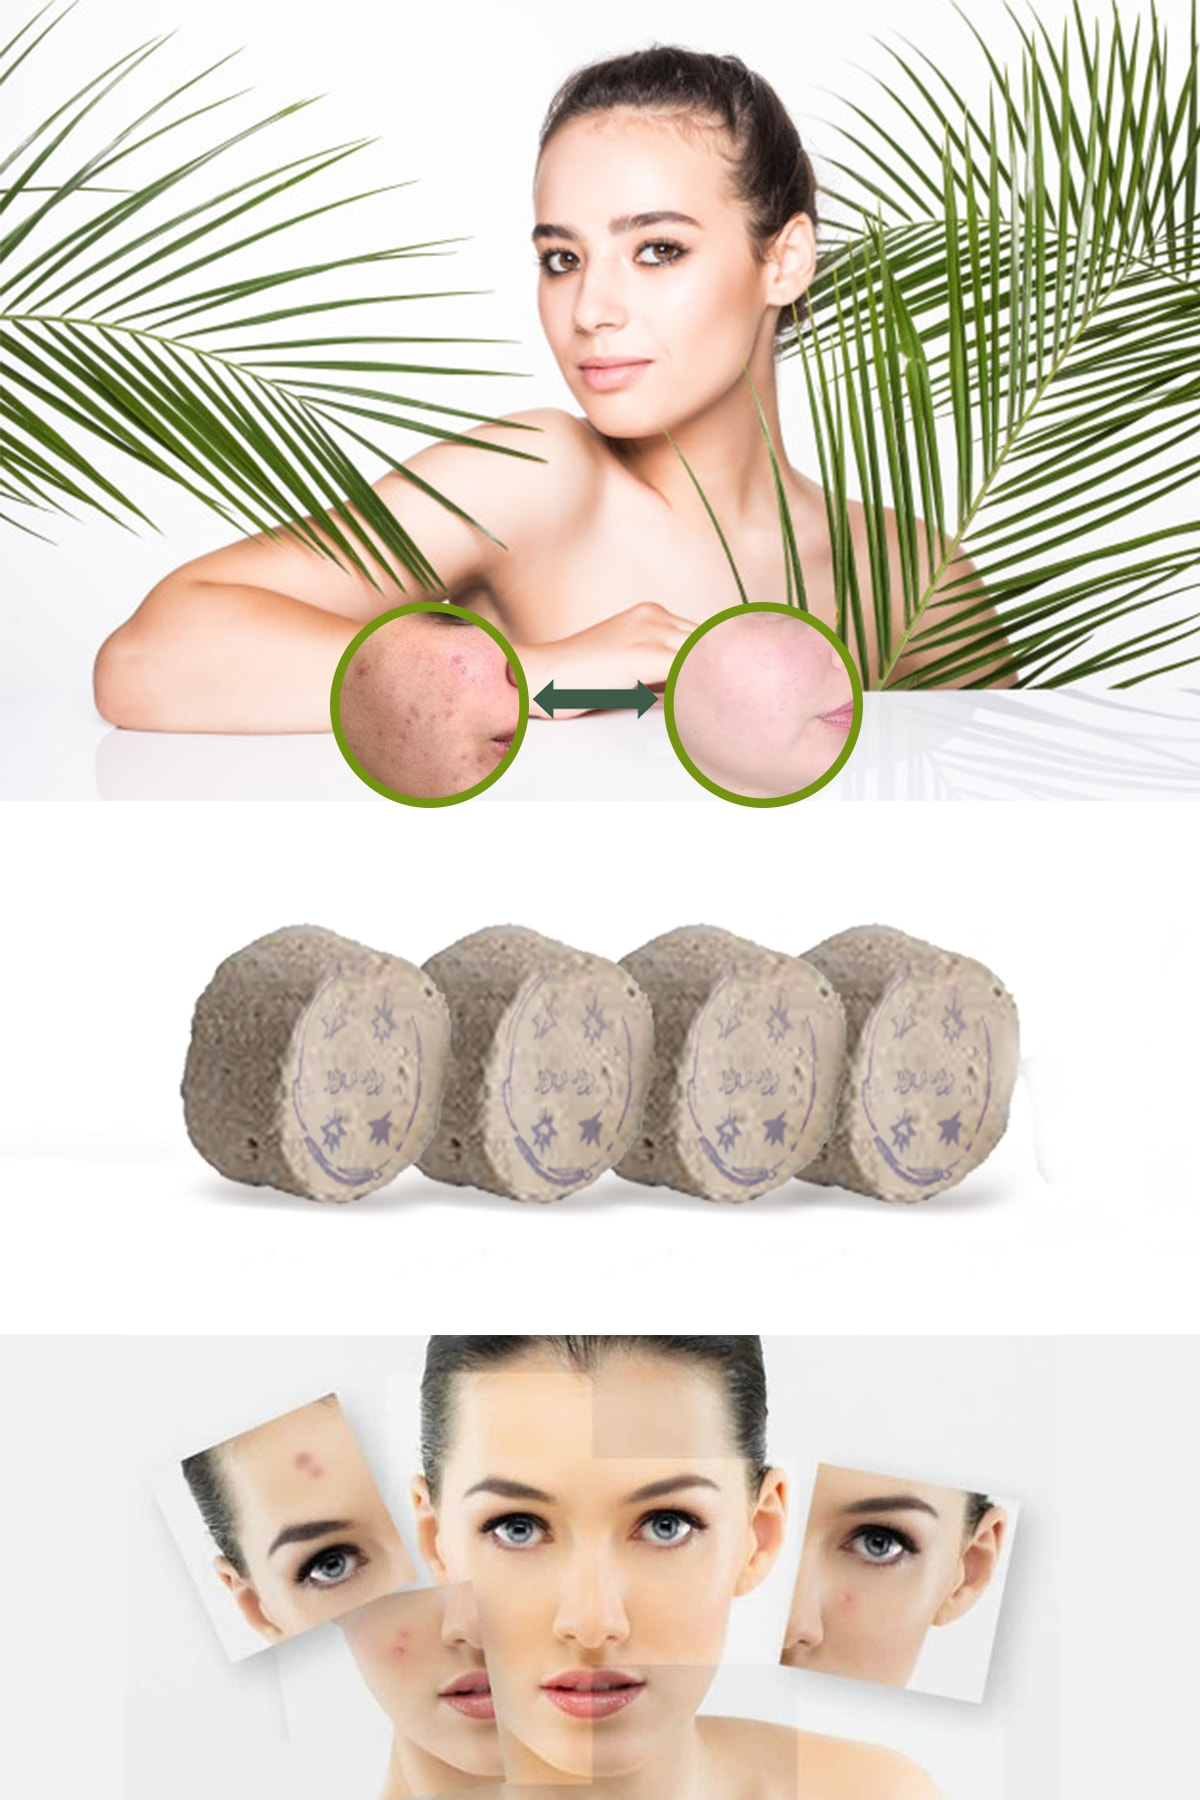 Xolo Hamam Taşı Doğal Kese Organik Peeling 4 Adet 8297415579408 0